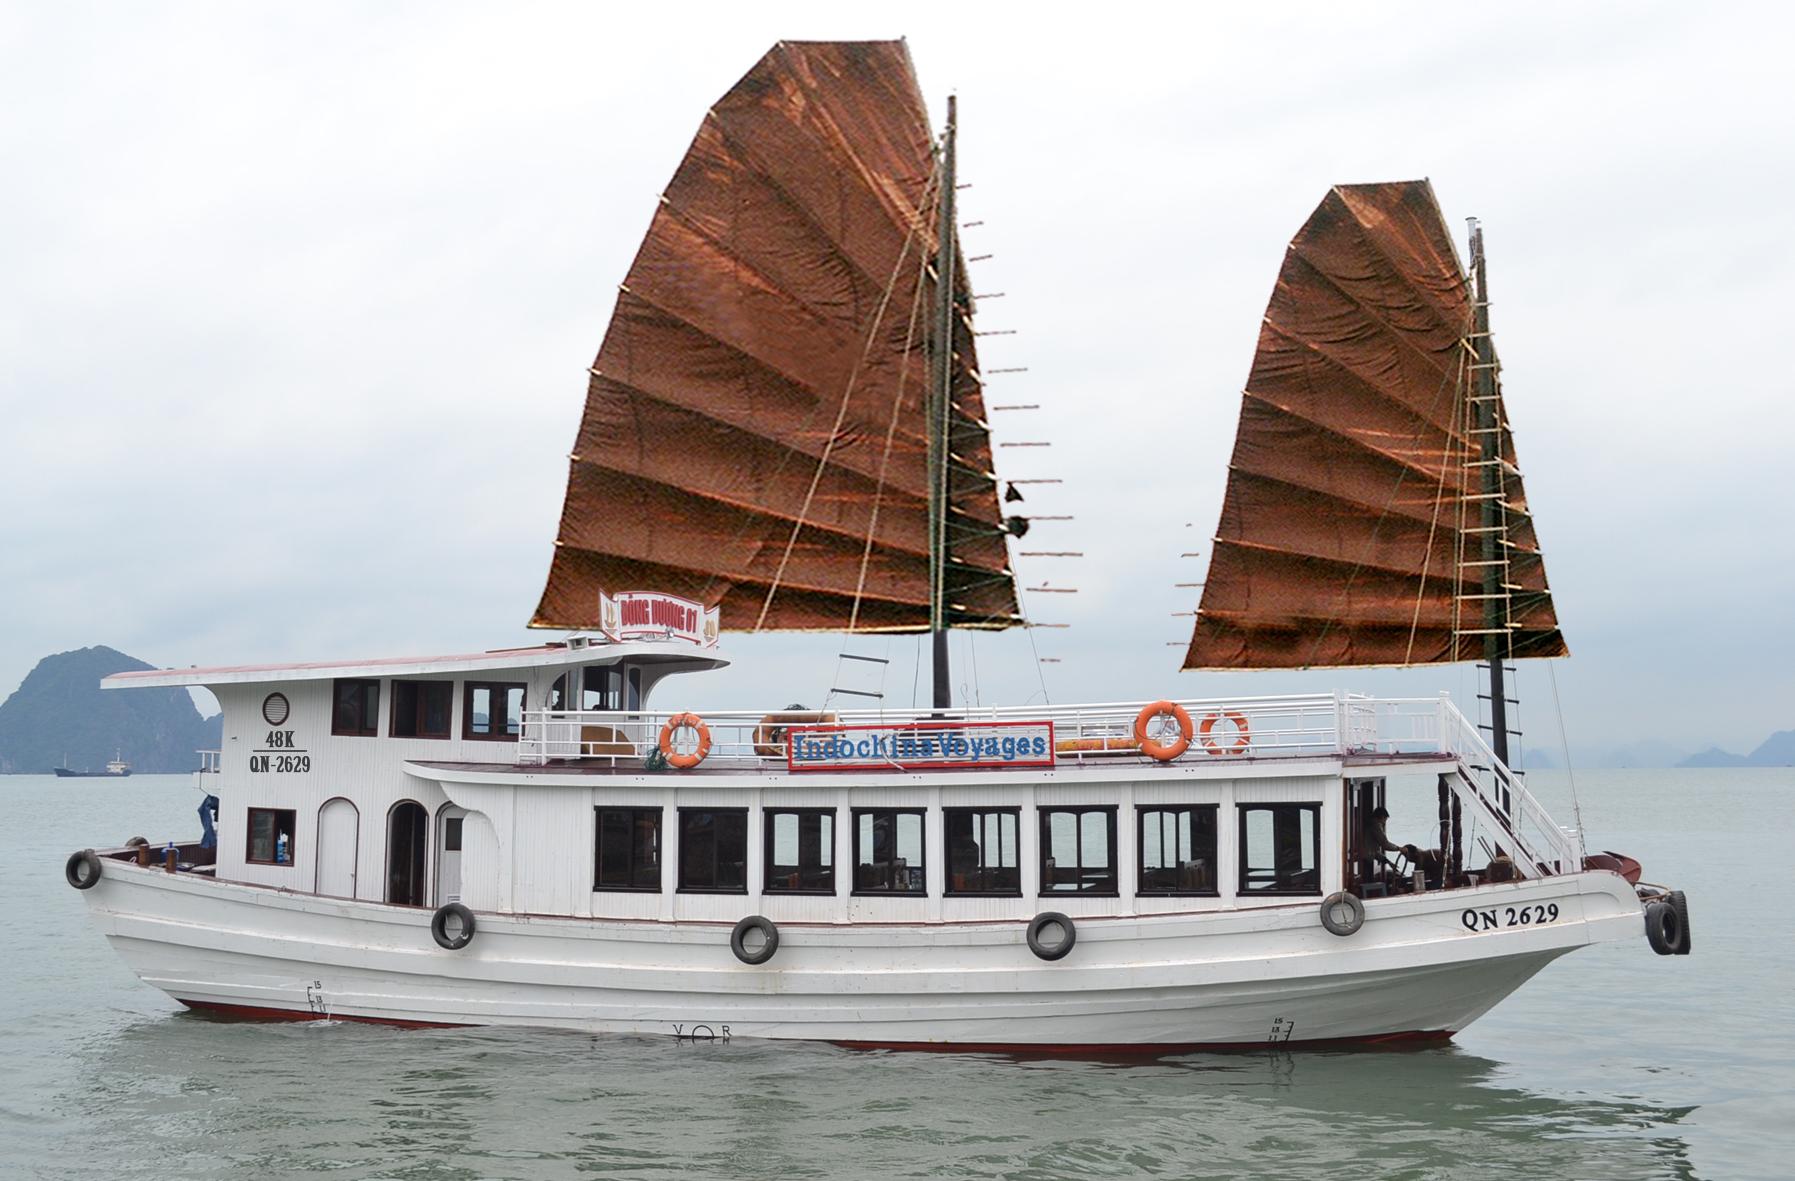 Hà Nội - Hạ Long - Hà Nội